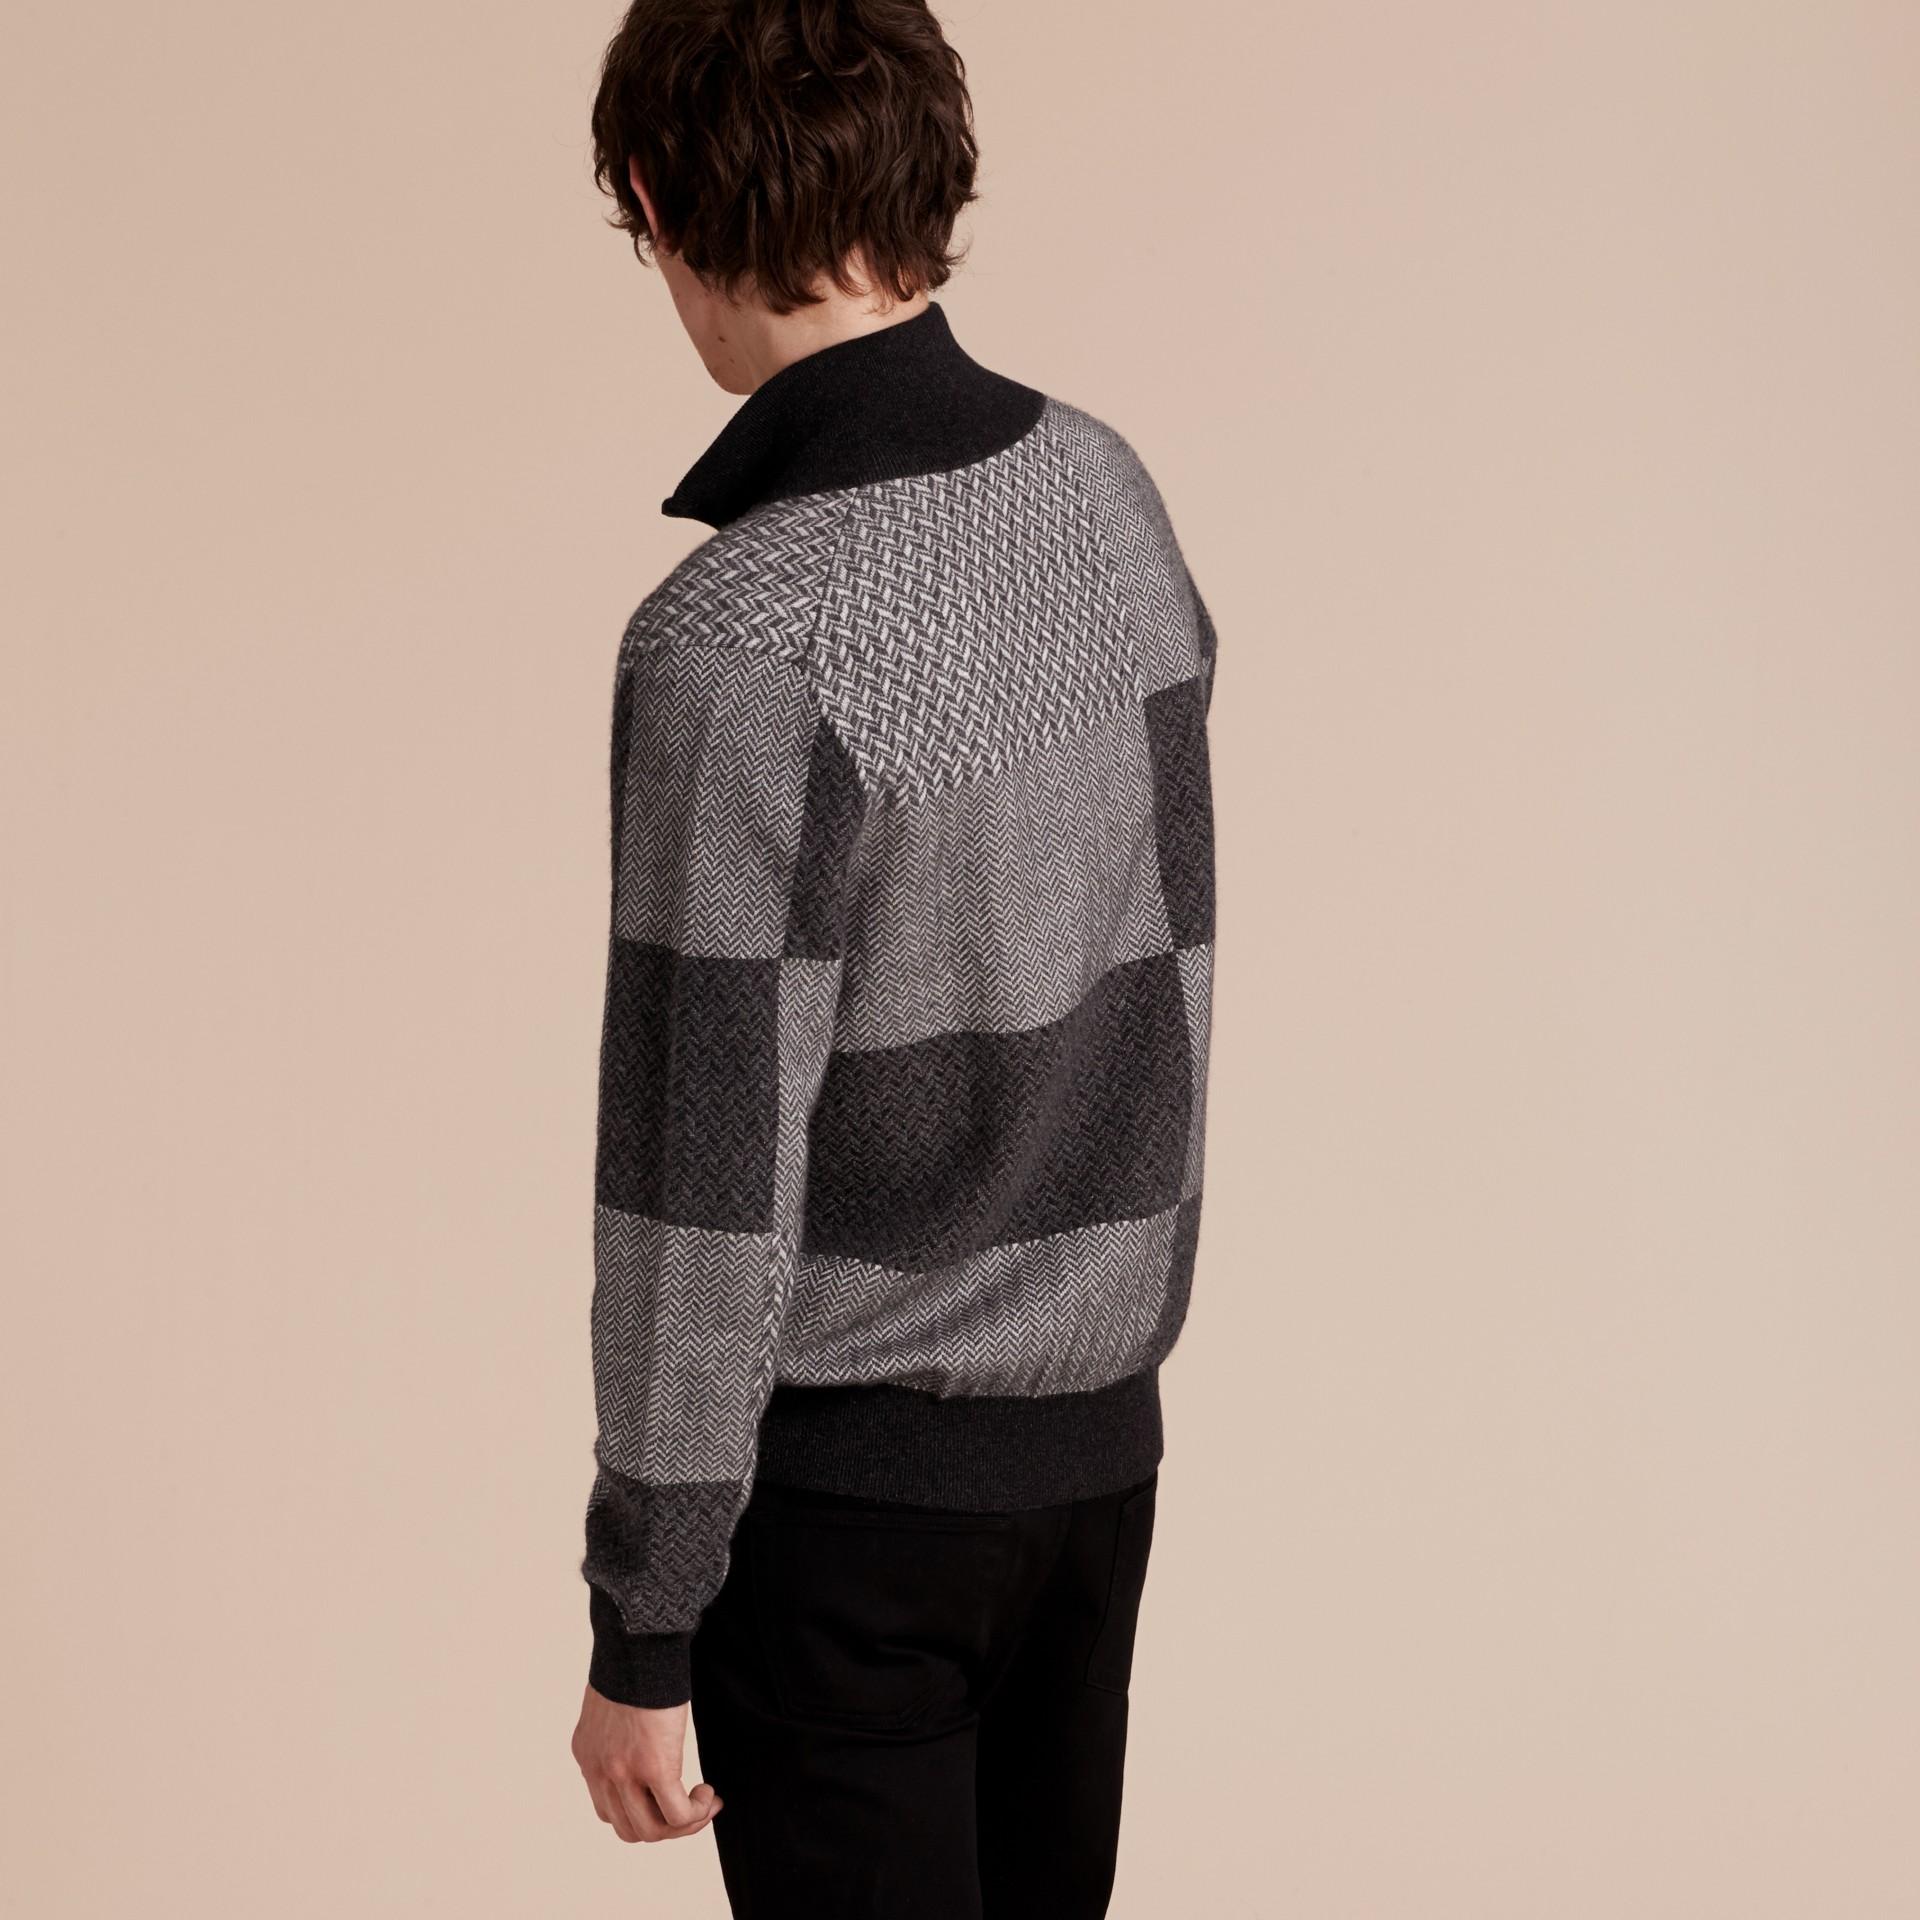 Camaïeu de gris sombres Veste à col entonnoir en maille de cachemire et coton - photo de la galerie 3